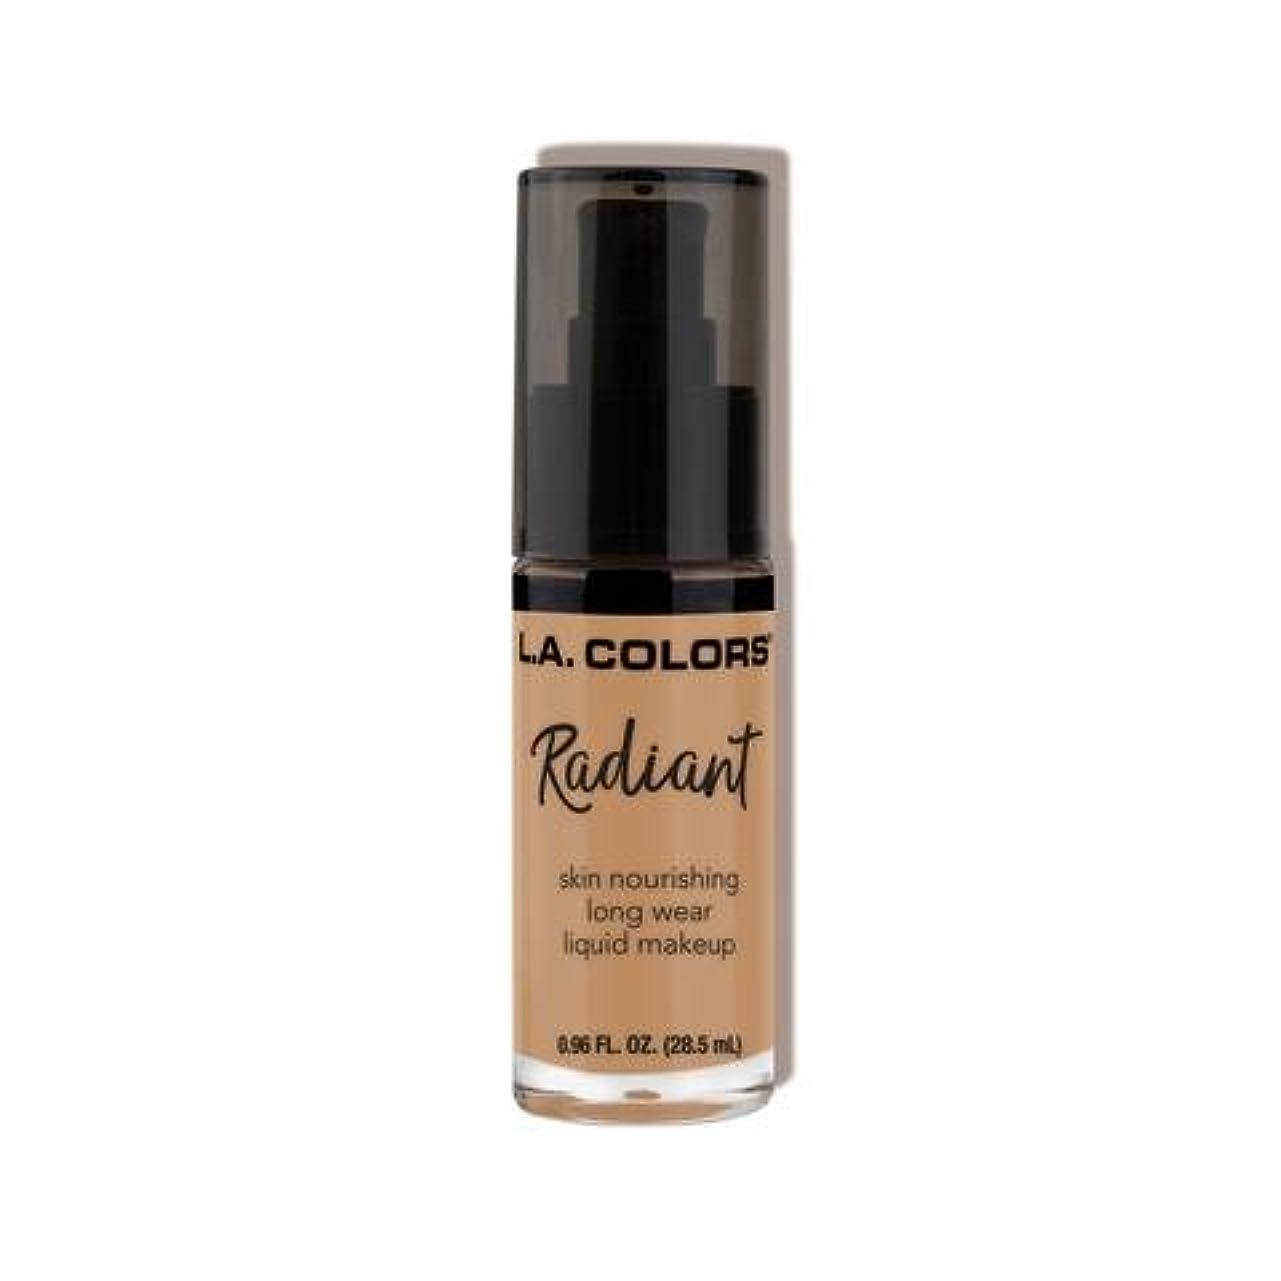 桃固有のマイナス(3 Pack) L.A. COLORS Radiant Liquid Makeup - Light Toffee (並行輸入品)